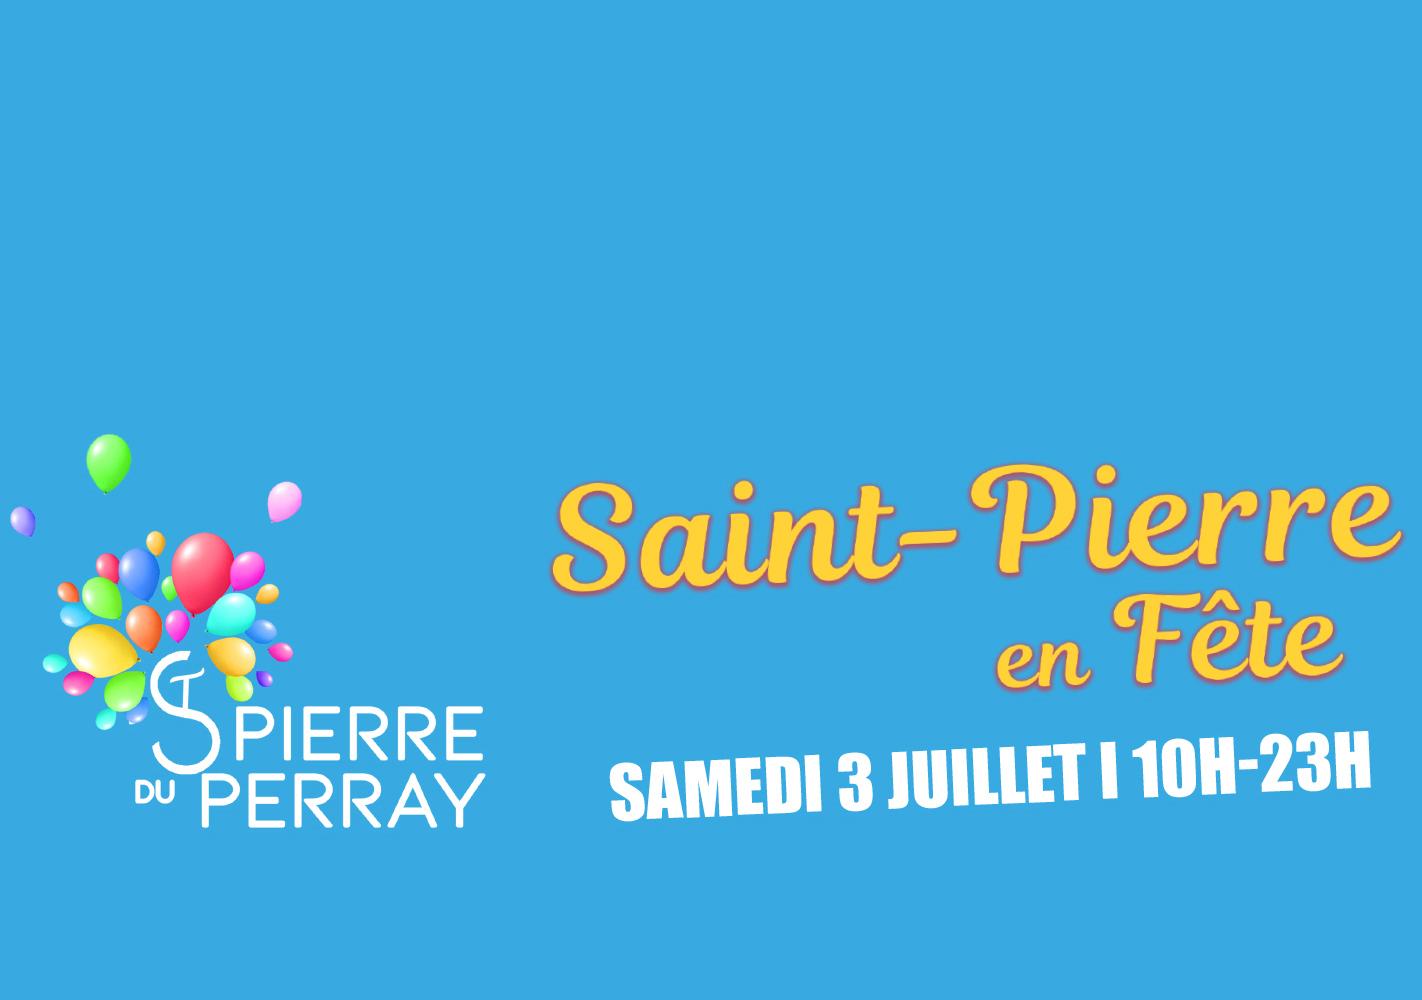 Programme Saint-Pierre en fête le 3 juillet